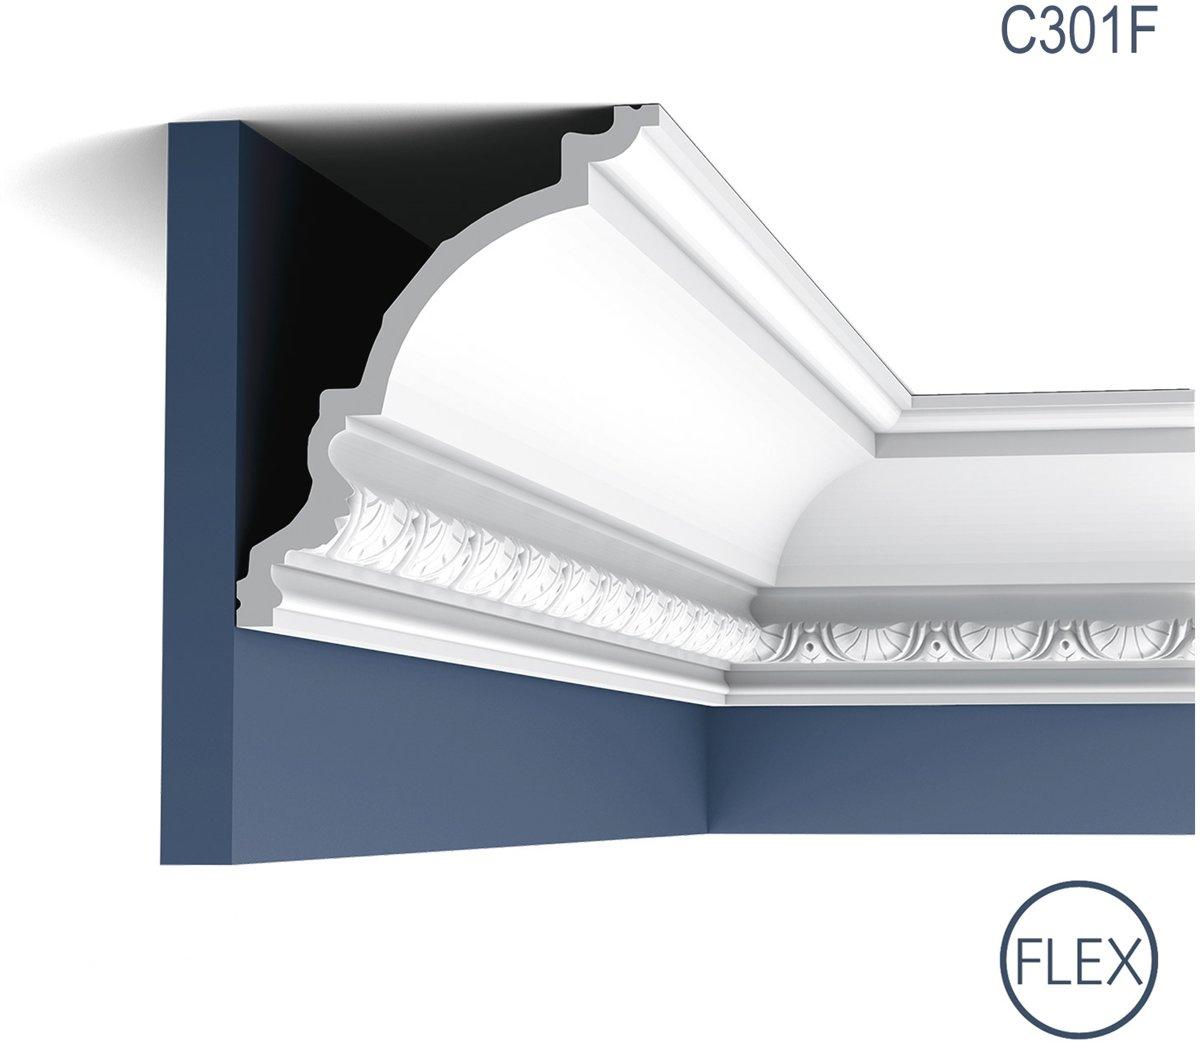 Kroonlijst flexibel Origineel Orac Decor C301F LUXXUS Plafondlijst Sierlijst flexibel 2 m kopen